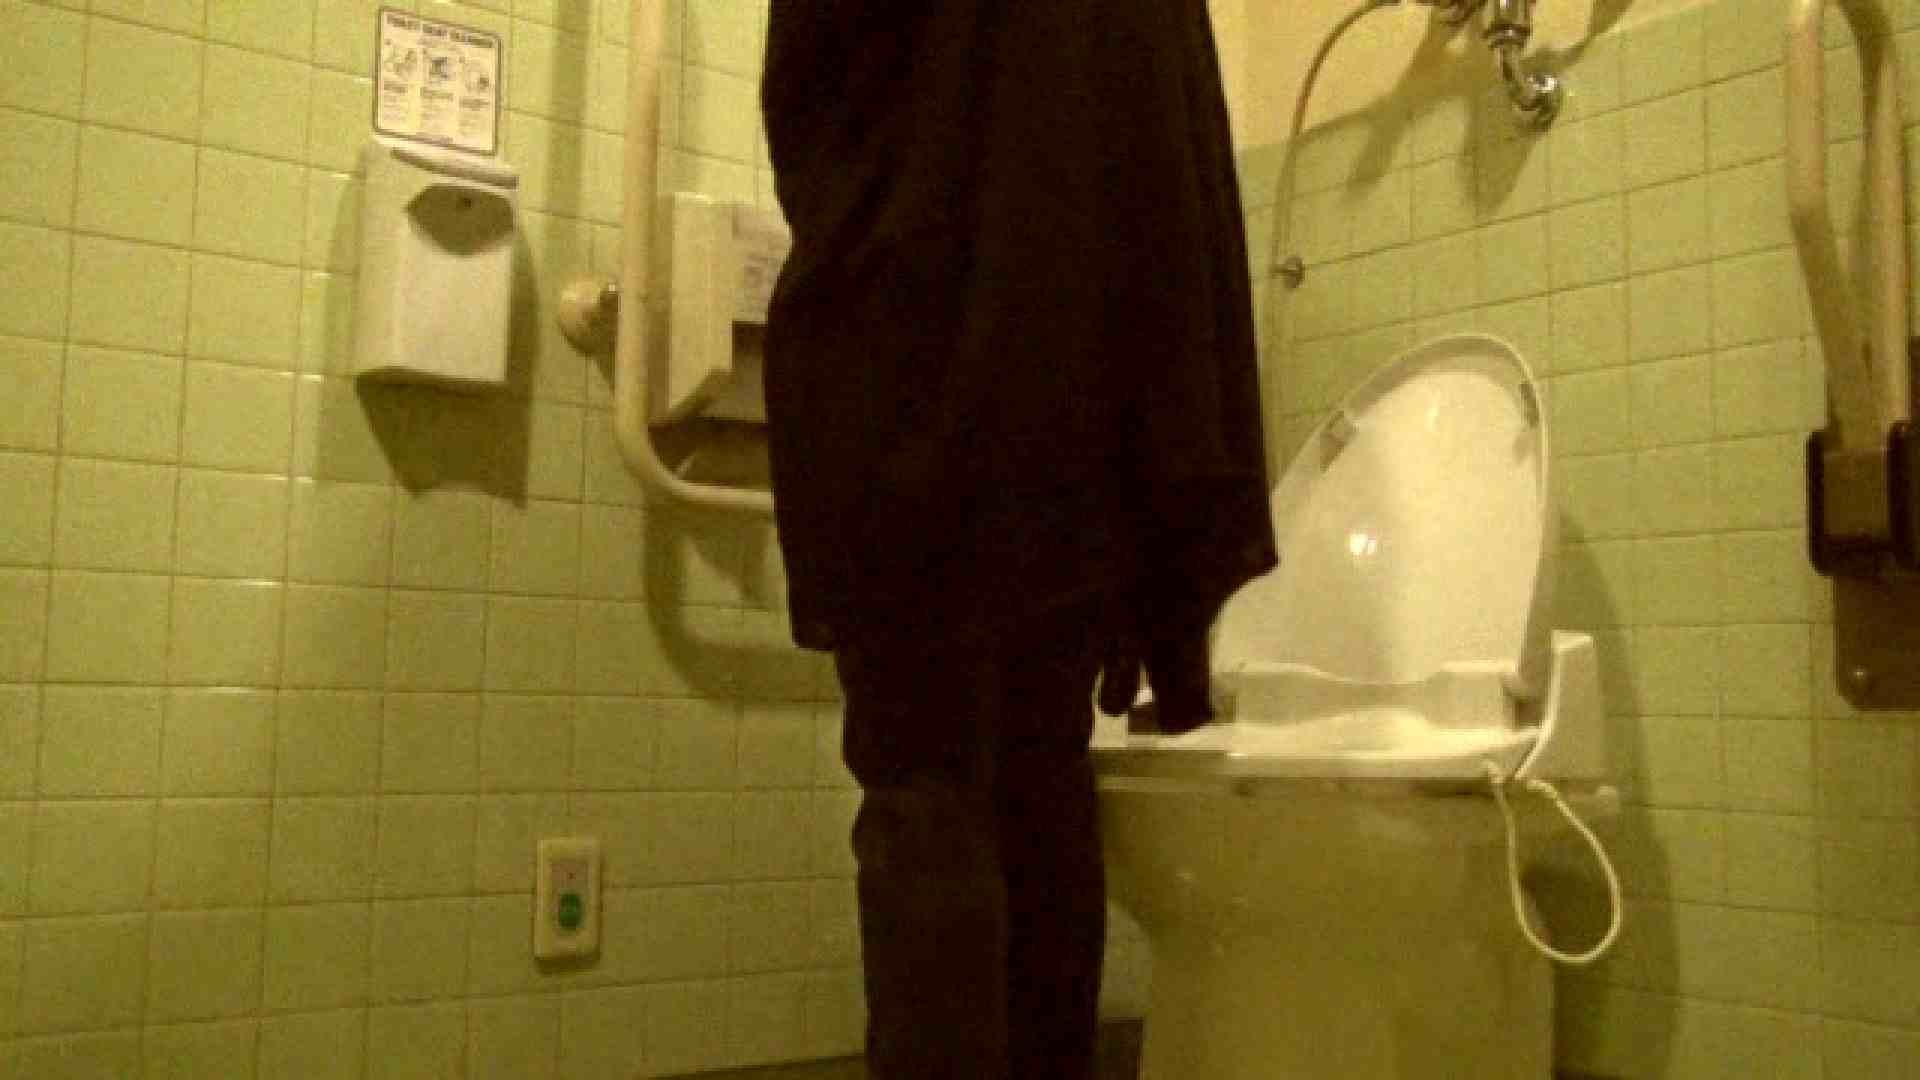 魔術師の お・も・て・な・し vol.26 19歳のバーの店員さんの洗面所をしばし… 洗面所  60枚 14